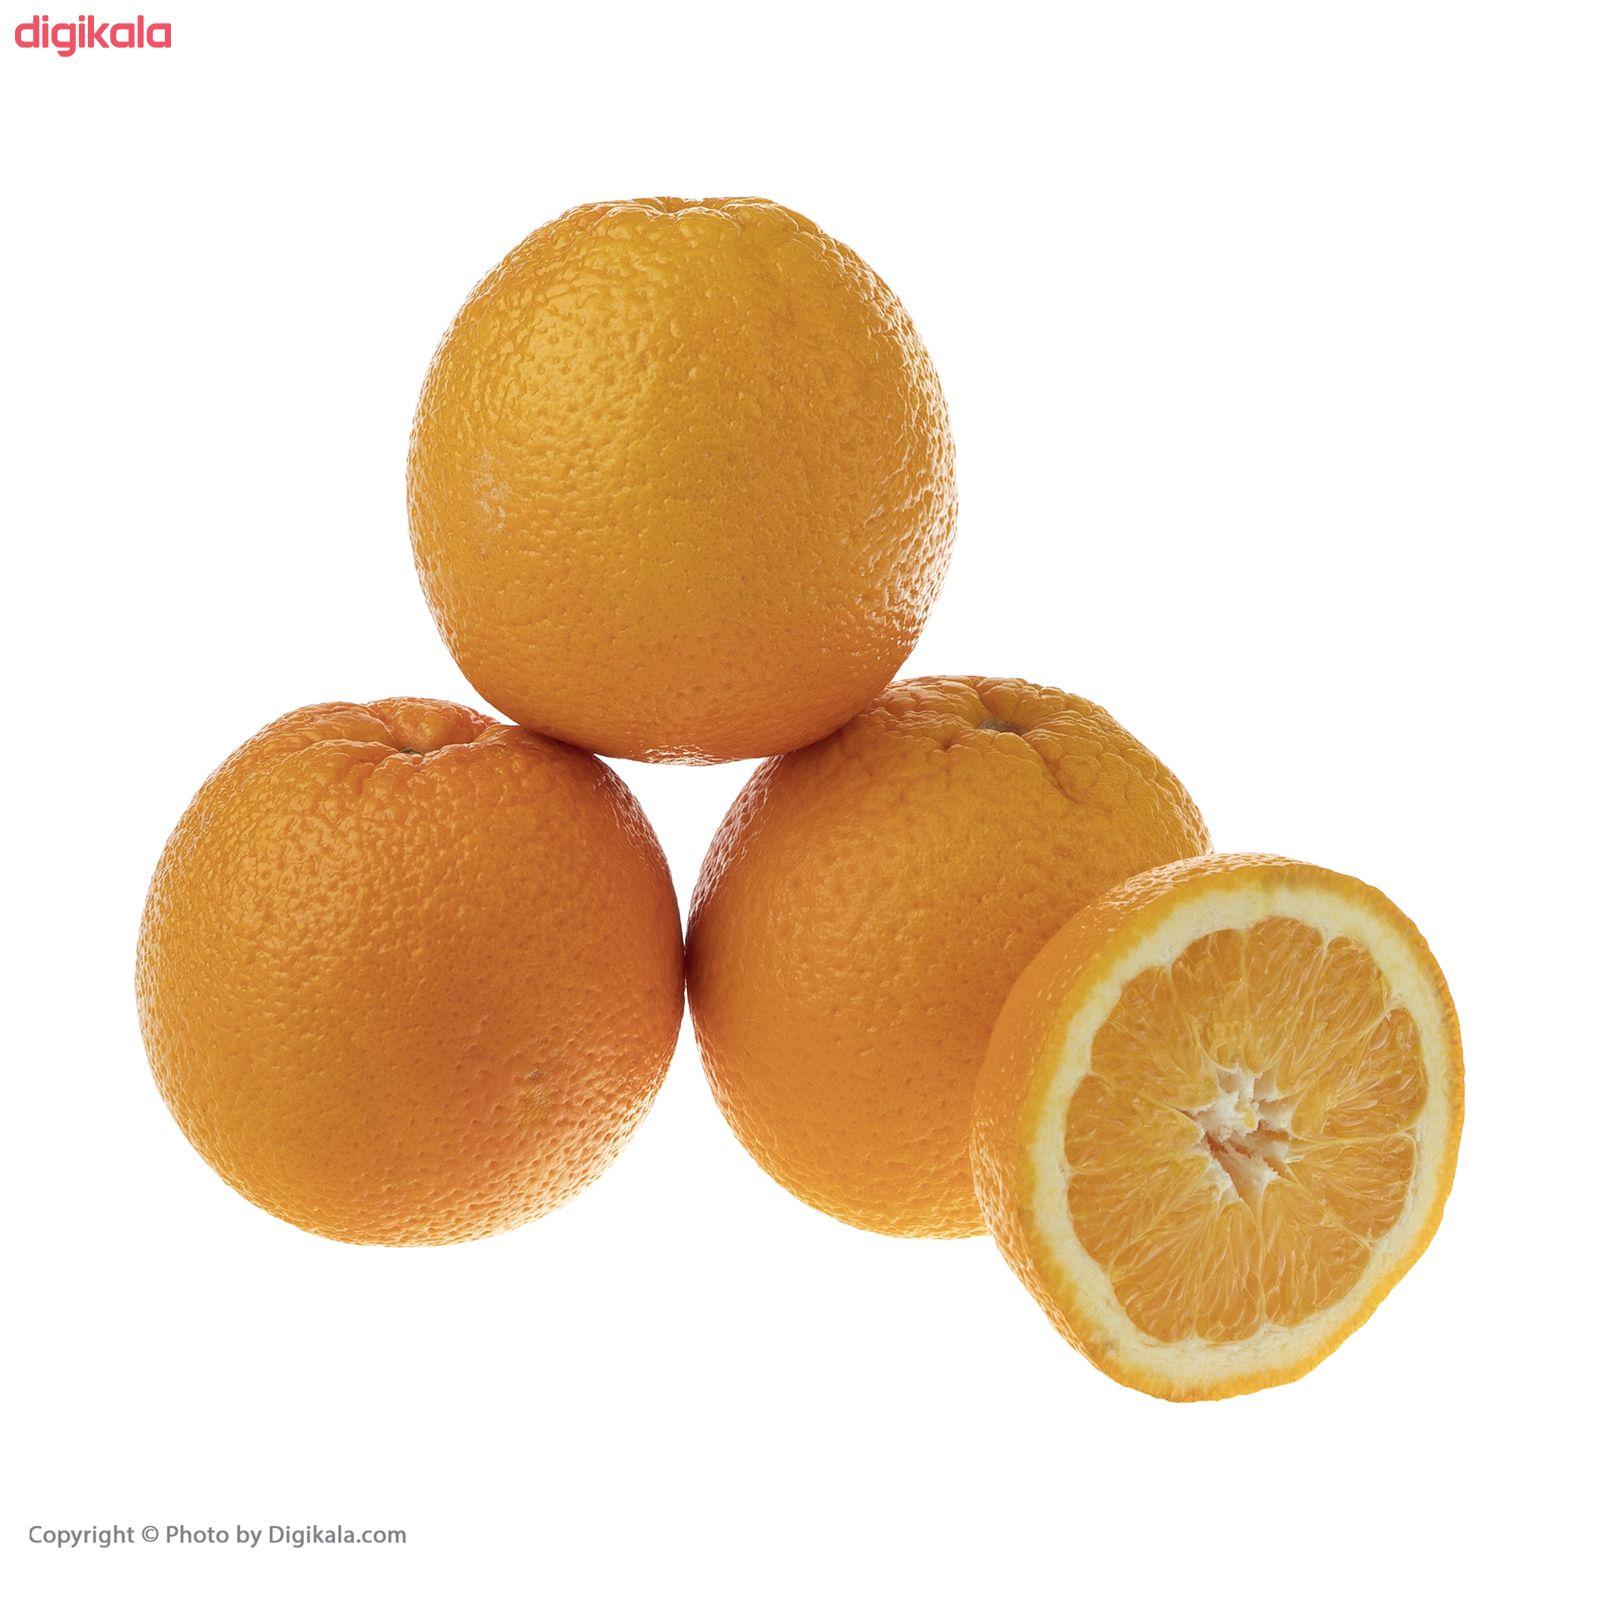 پرتقال تامسون جنوب بلوط - 1 کیلوگرم  main 1 5